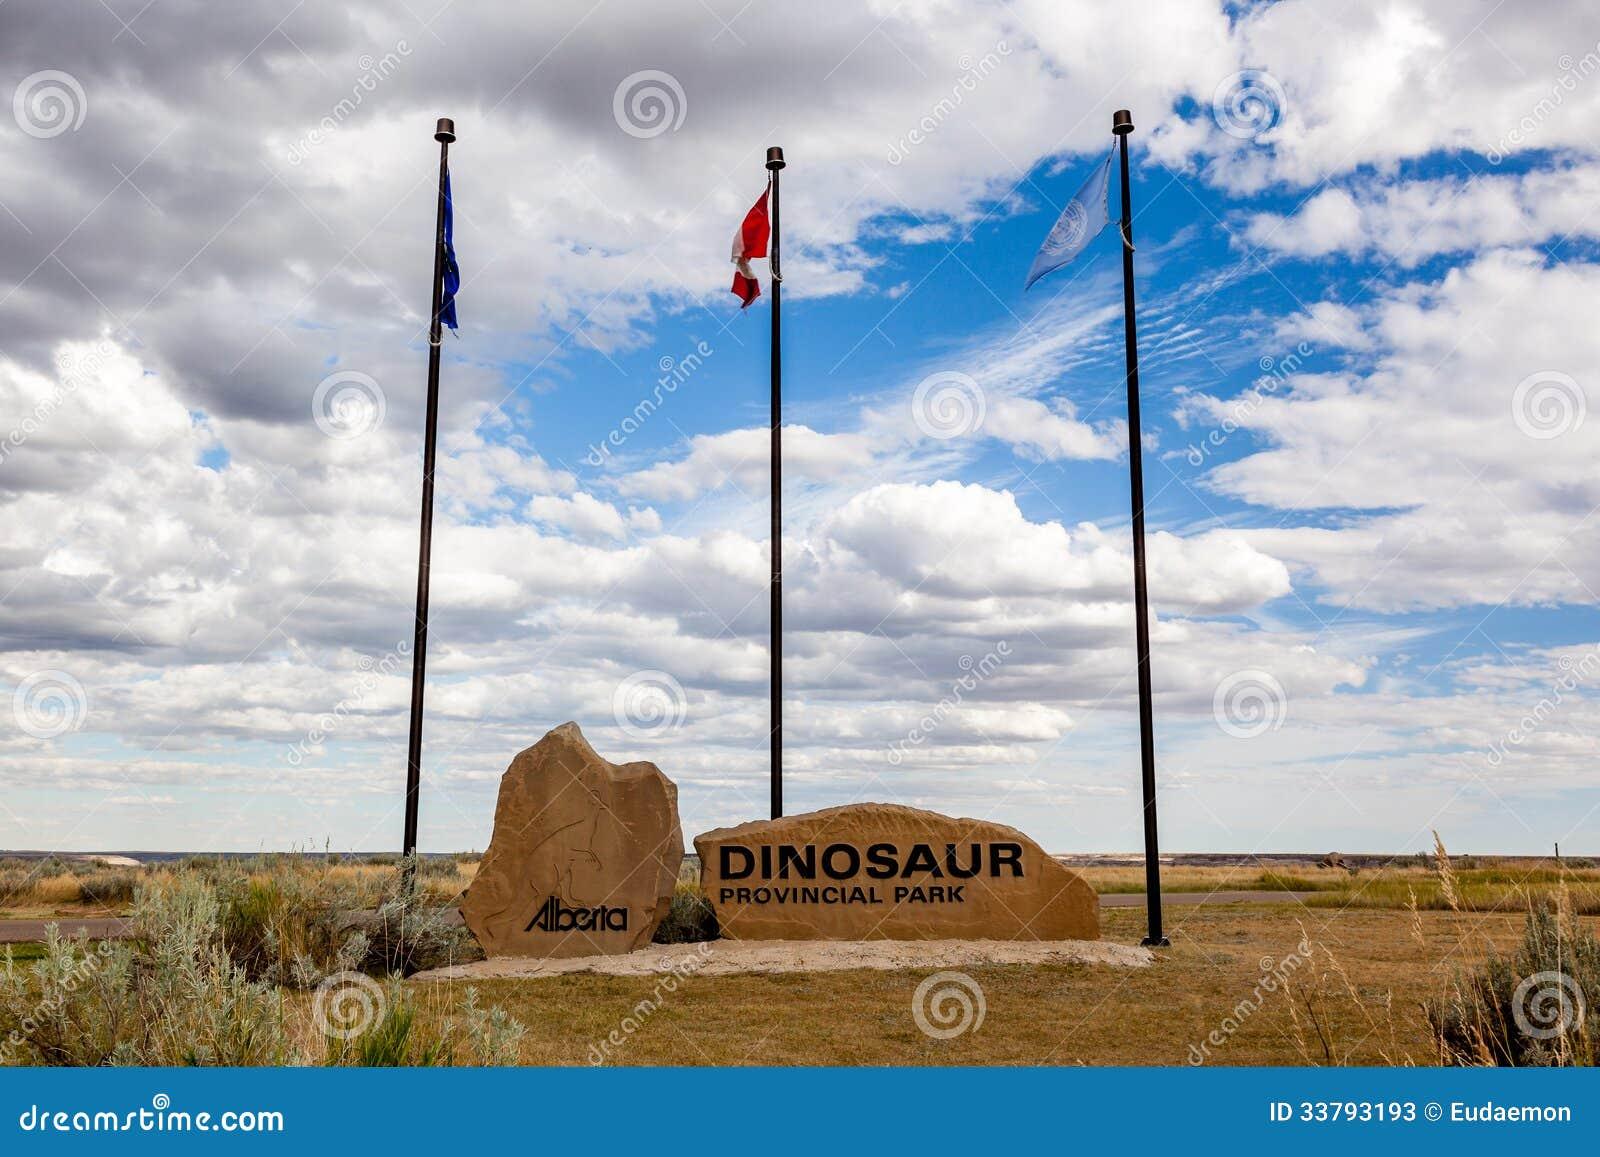 Επαρχιακό πάρκο δεινοσαύρων - Αλμπέρτα, Καναδάς